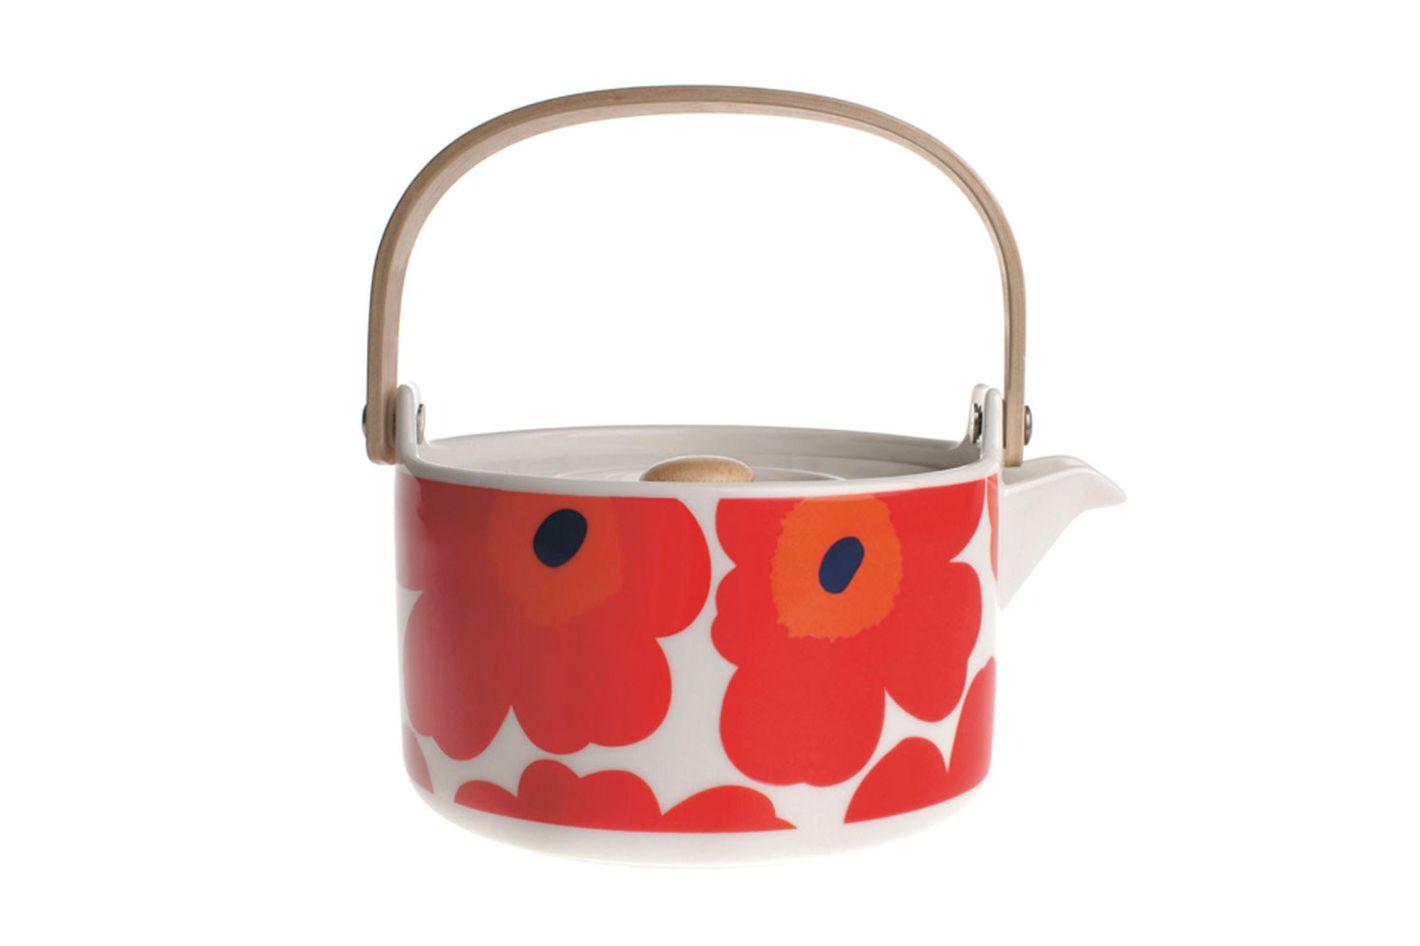 Marimekko Unikko Teapot